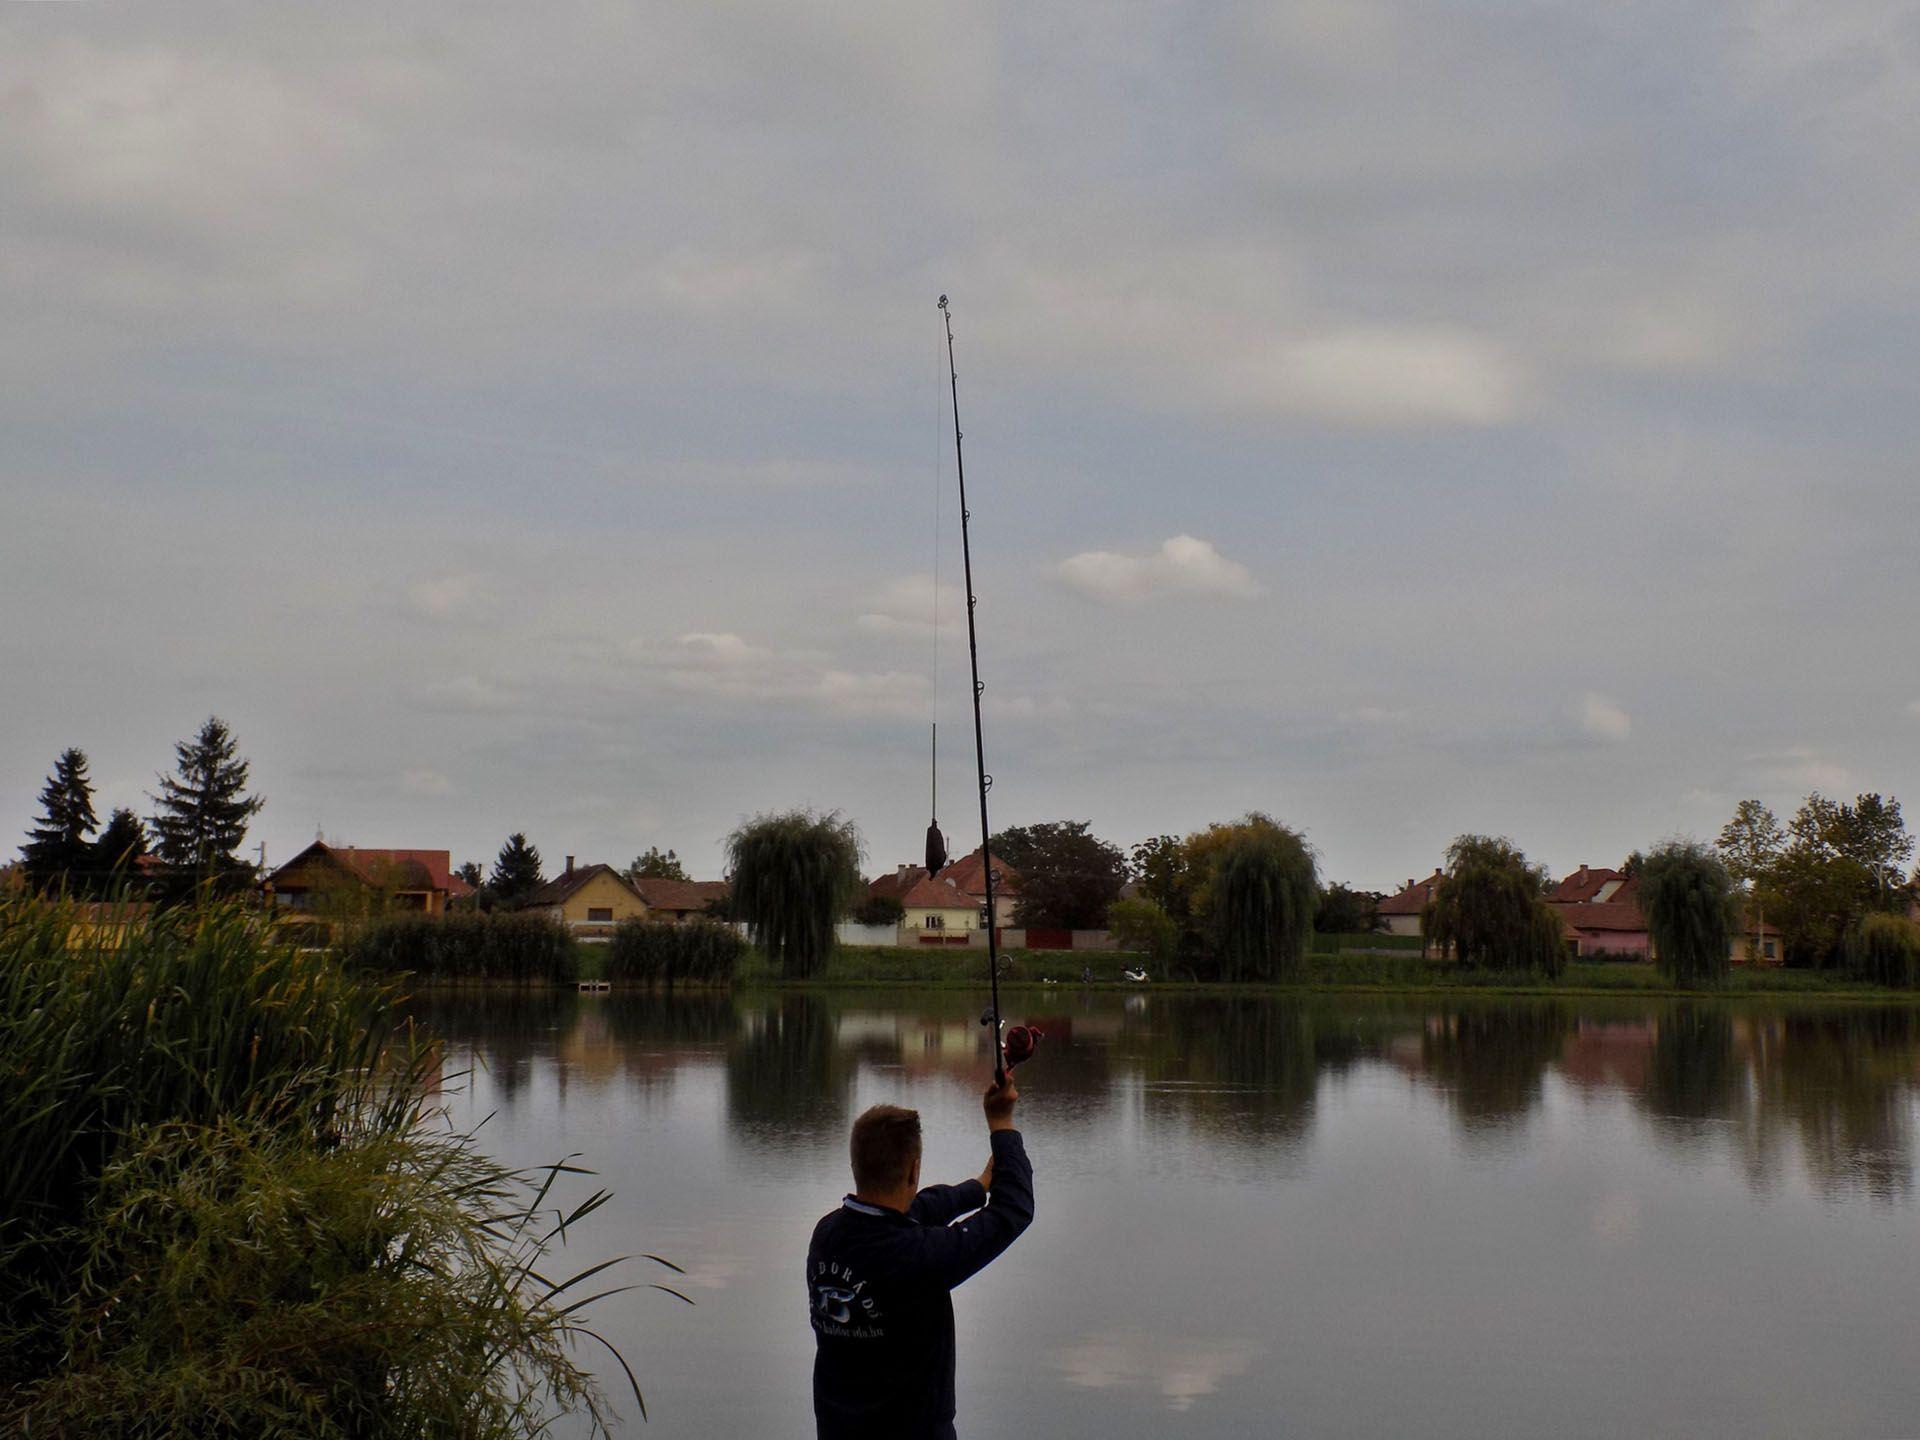 Dobásaim rendszerint a tó középső része felé irányultak. A hasonlóan jól telepített horgásztavakon érdemes gyakori újradobásokkal keresni a halakat. Ha eltaláljuk a horgászat megfelelő ütemét, akkor azt rendre siker fogja koronázni